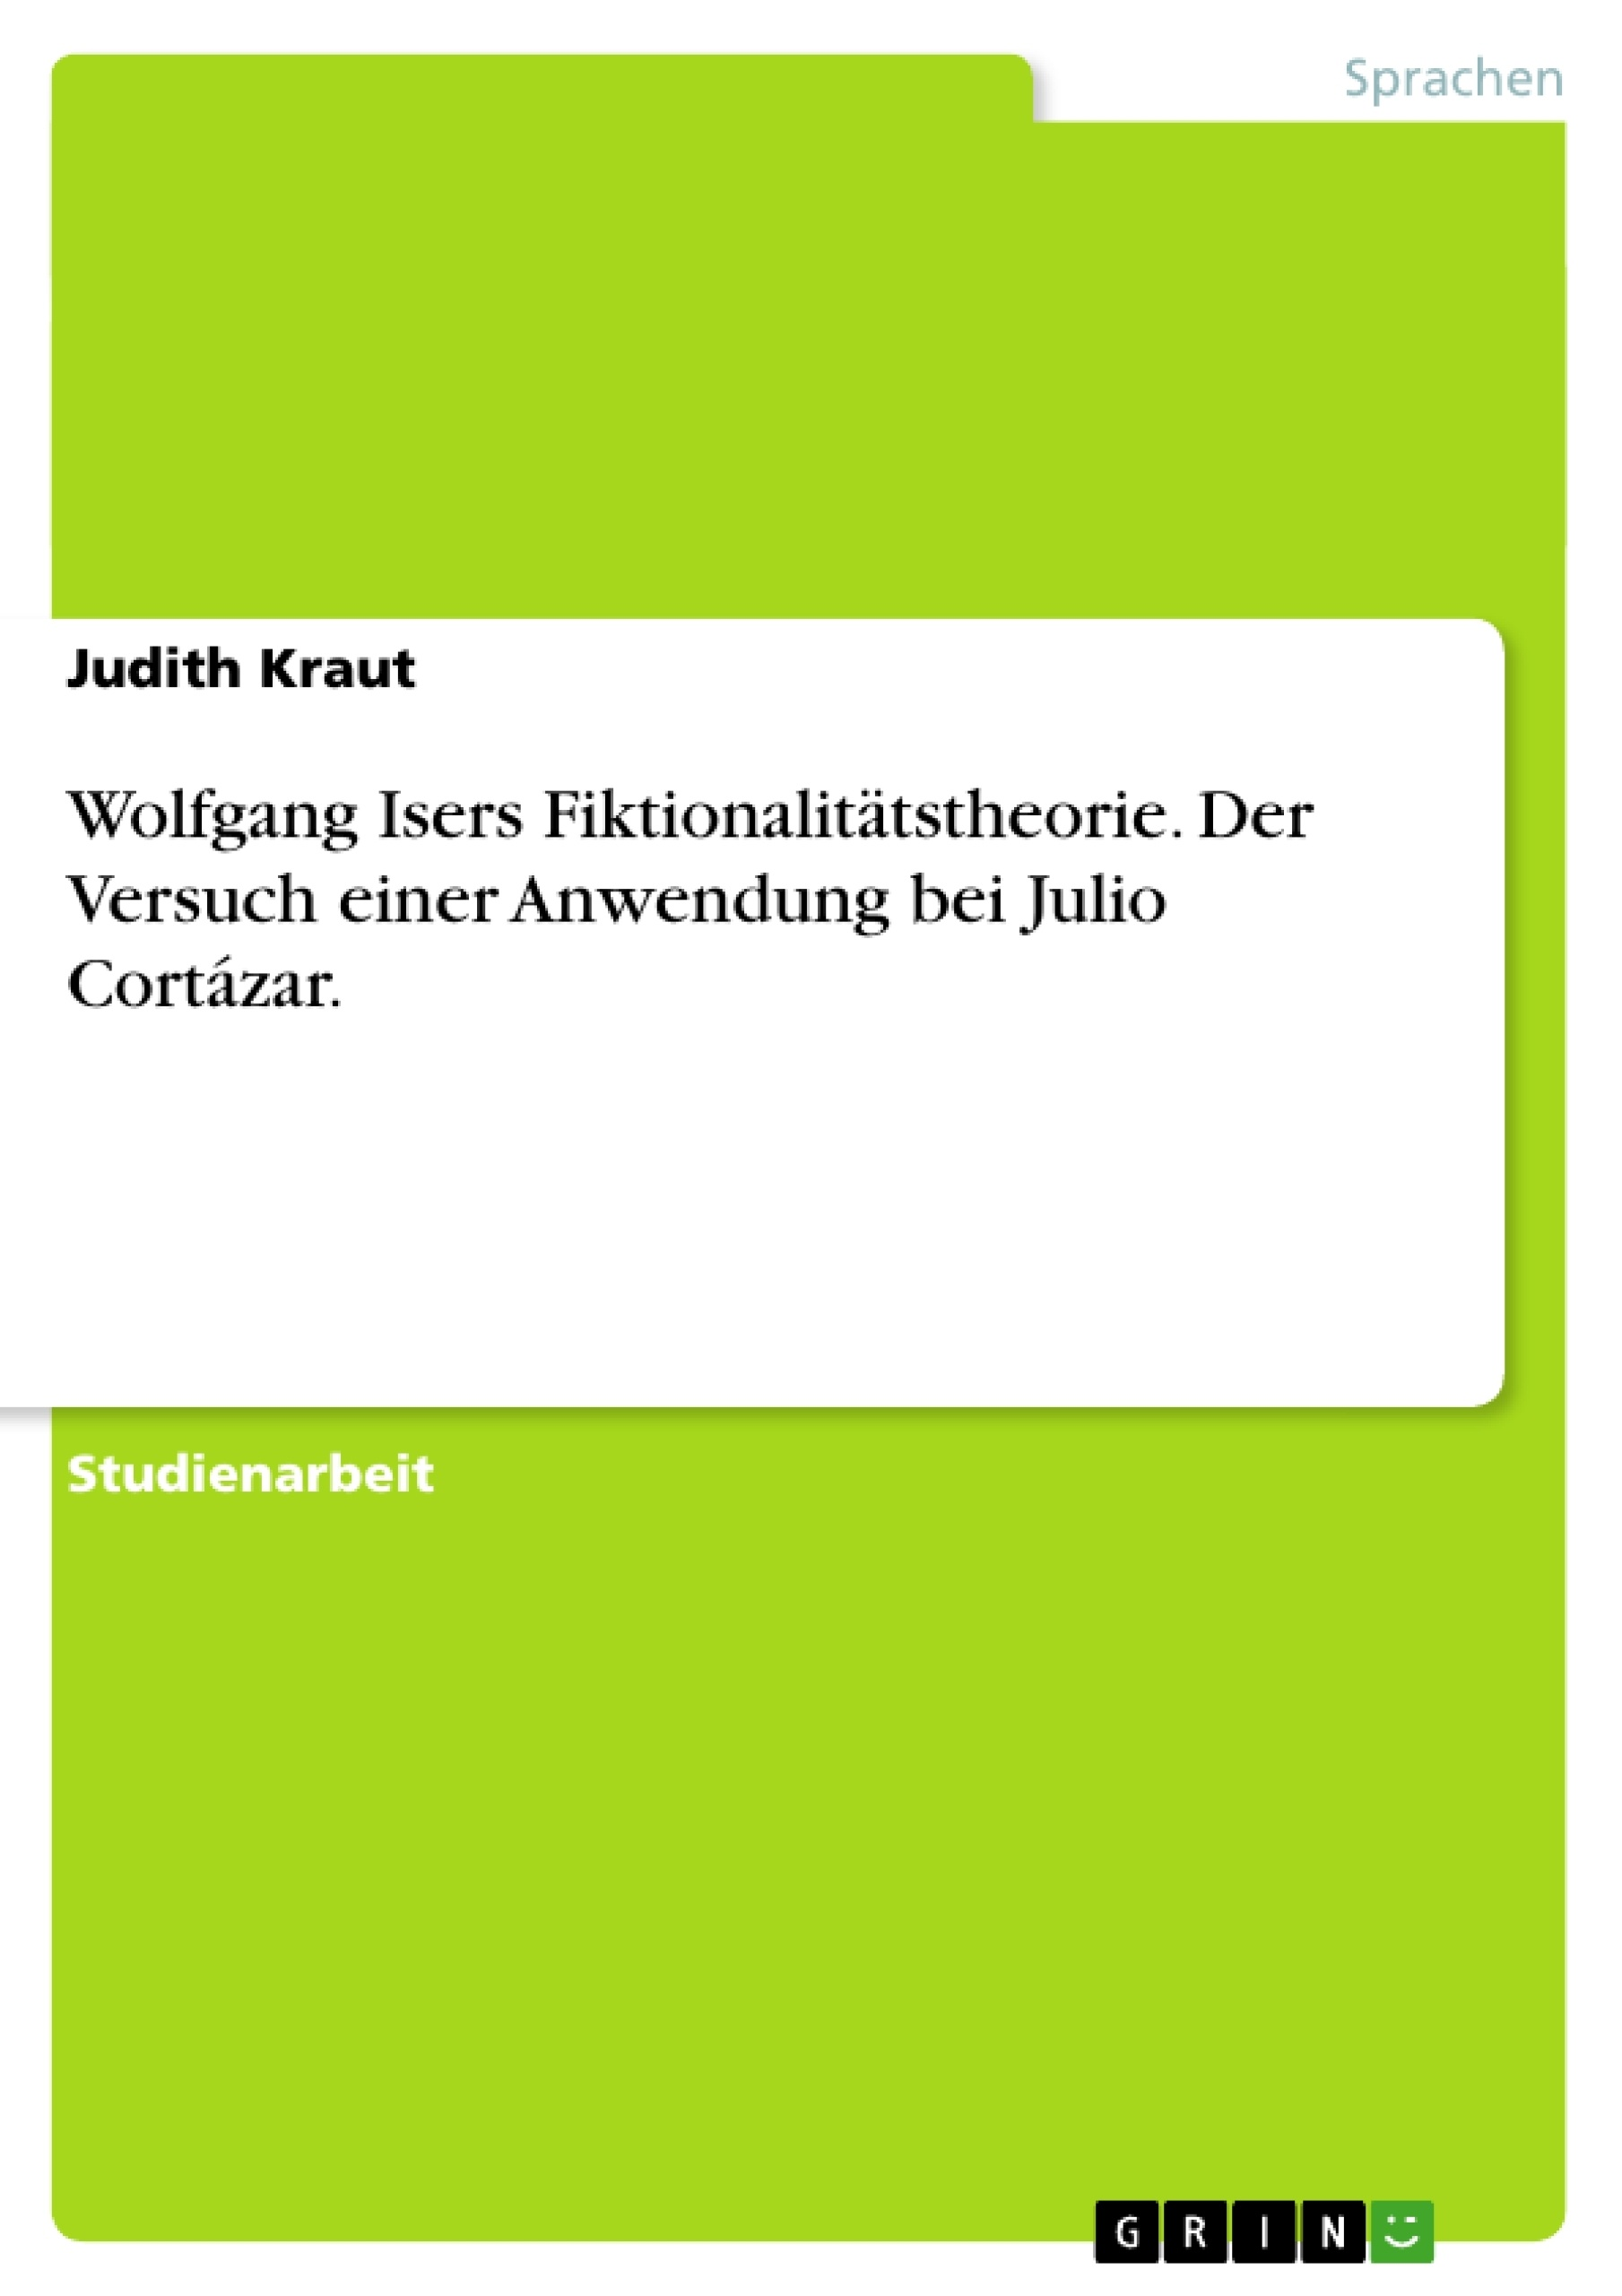 Titel: Wolfgang Isers Fiktionalitätstheorie.  Der Versuch einer Anwendung bei Julio Cortázar.